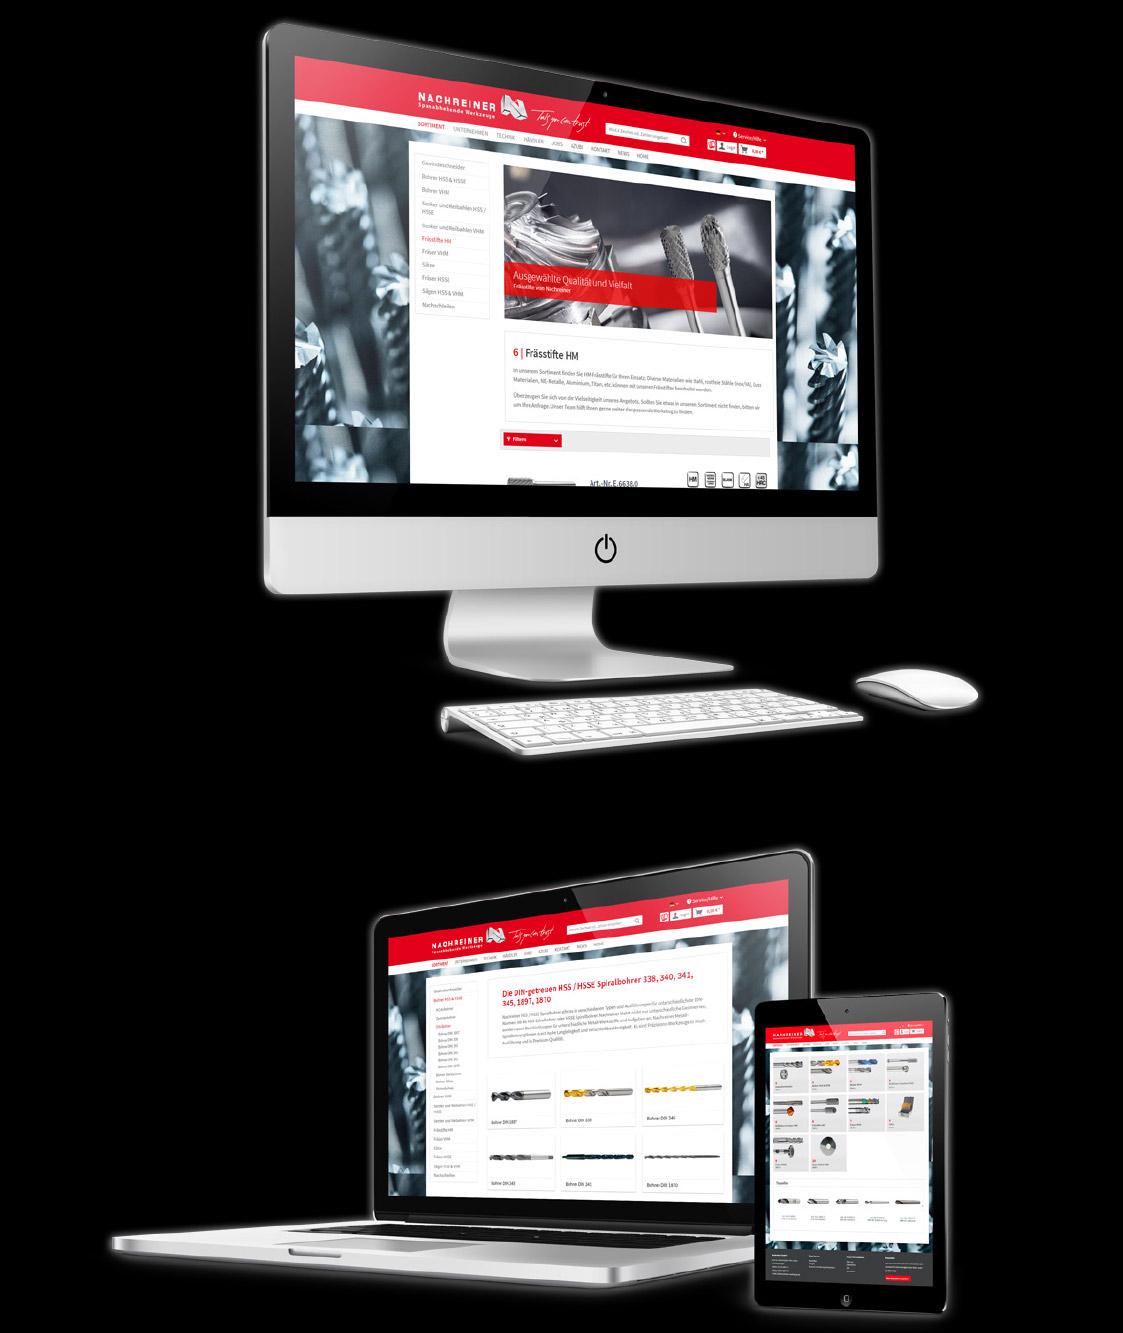 Drei Bildschirme auf denen die Nachreiner Webseite abgebildet ist